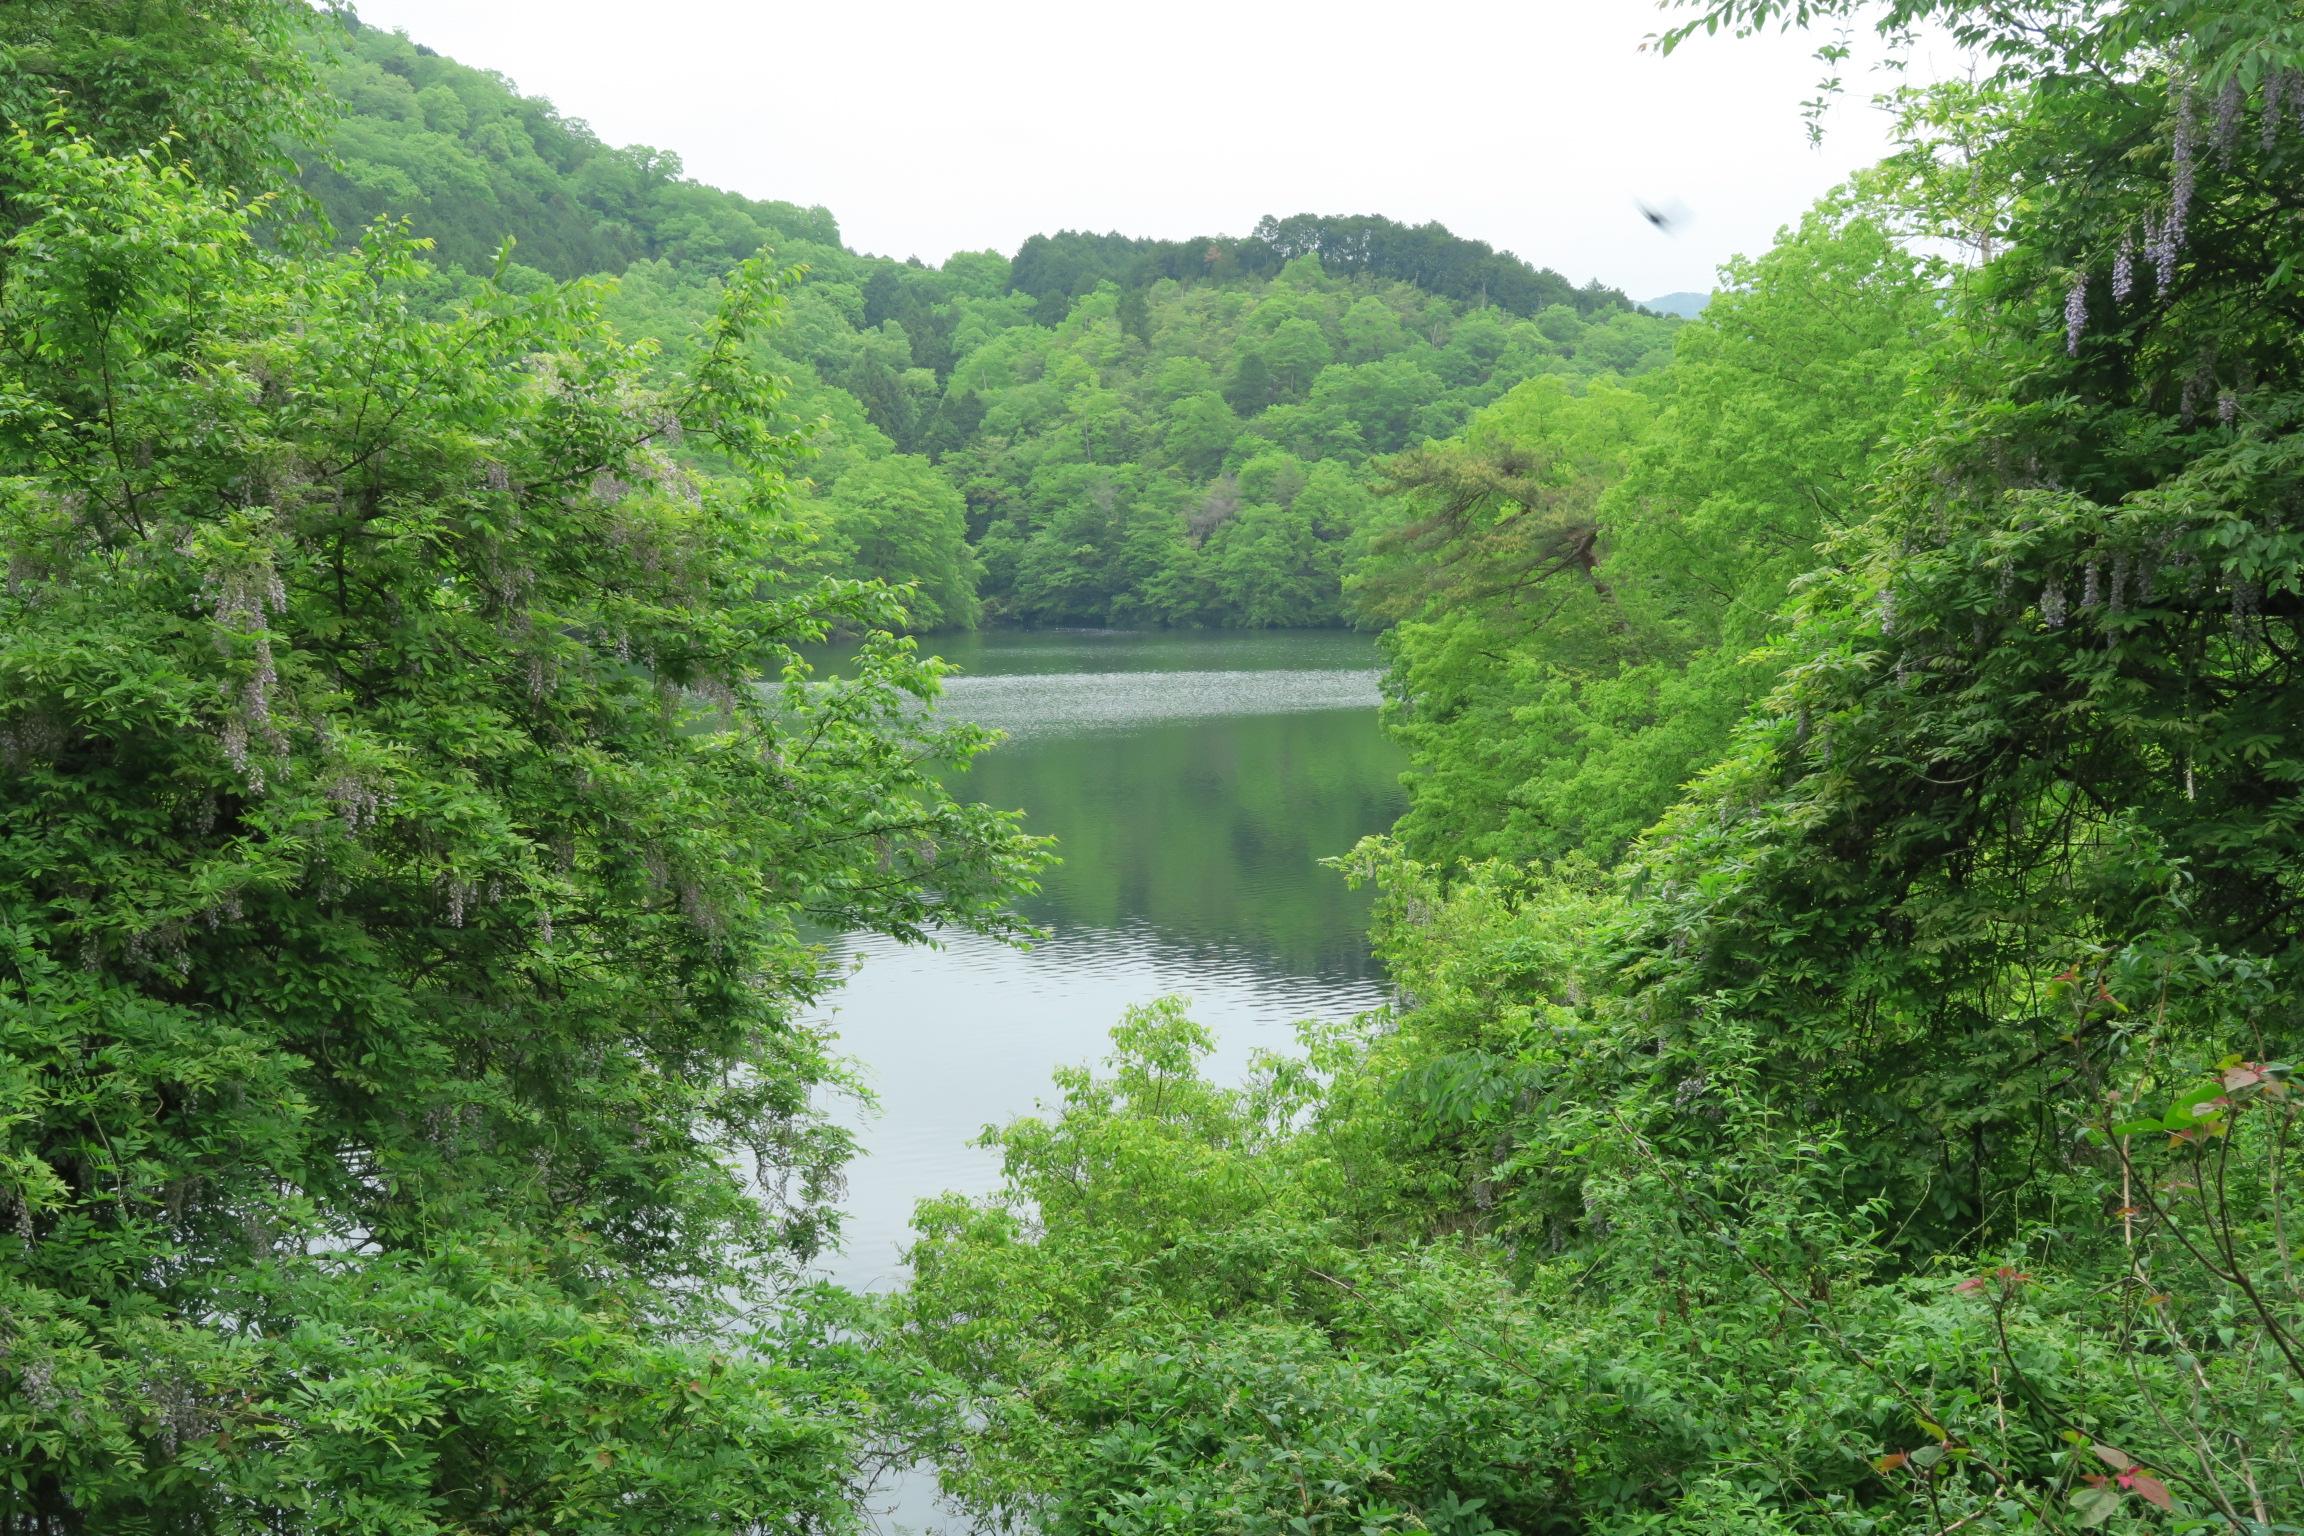 車で走っていると新緑の間から見える湖が美しくいい感じです。